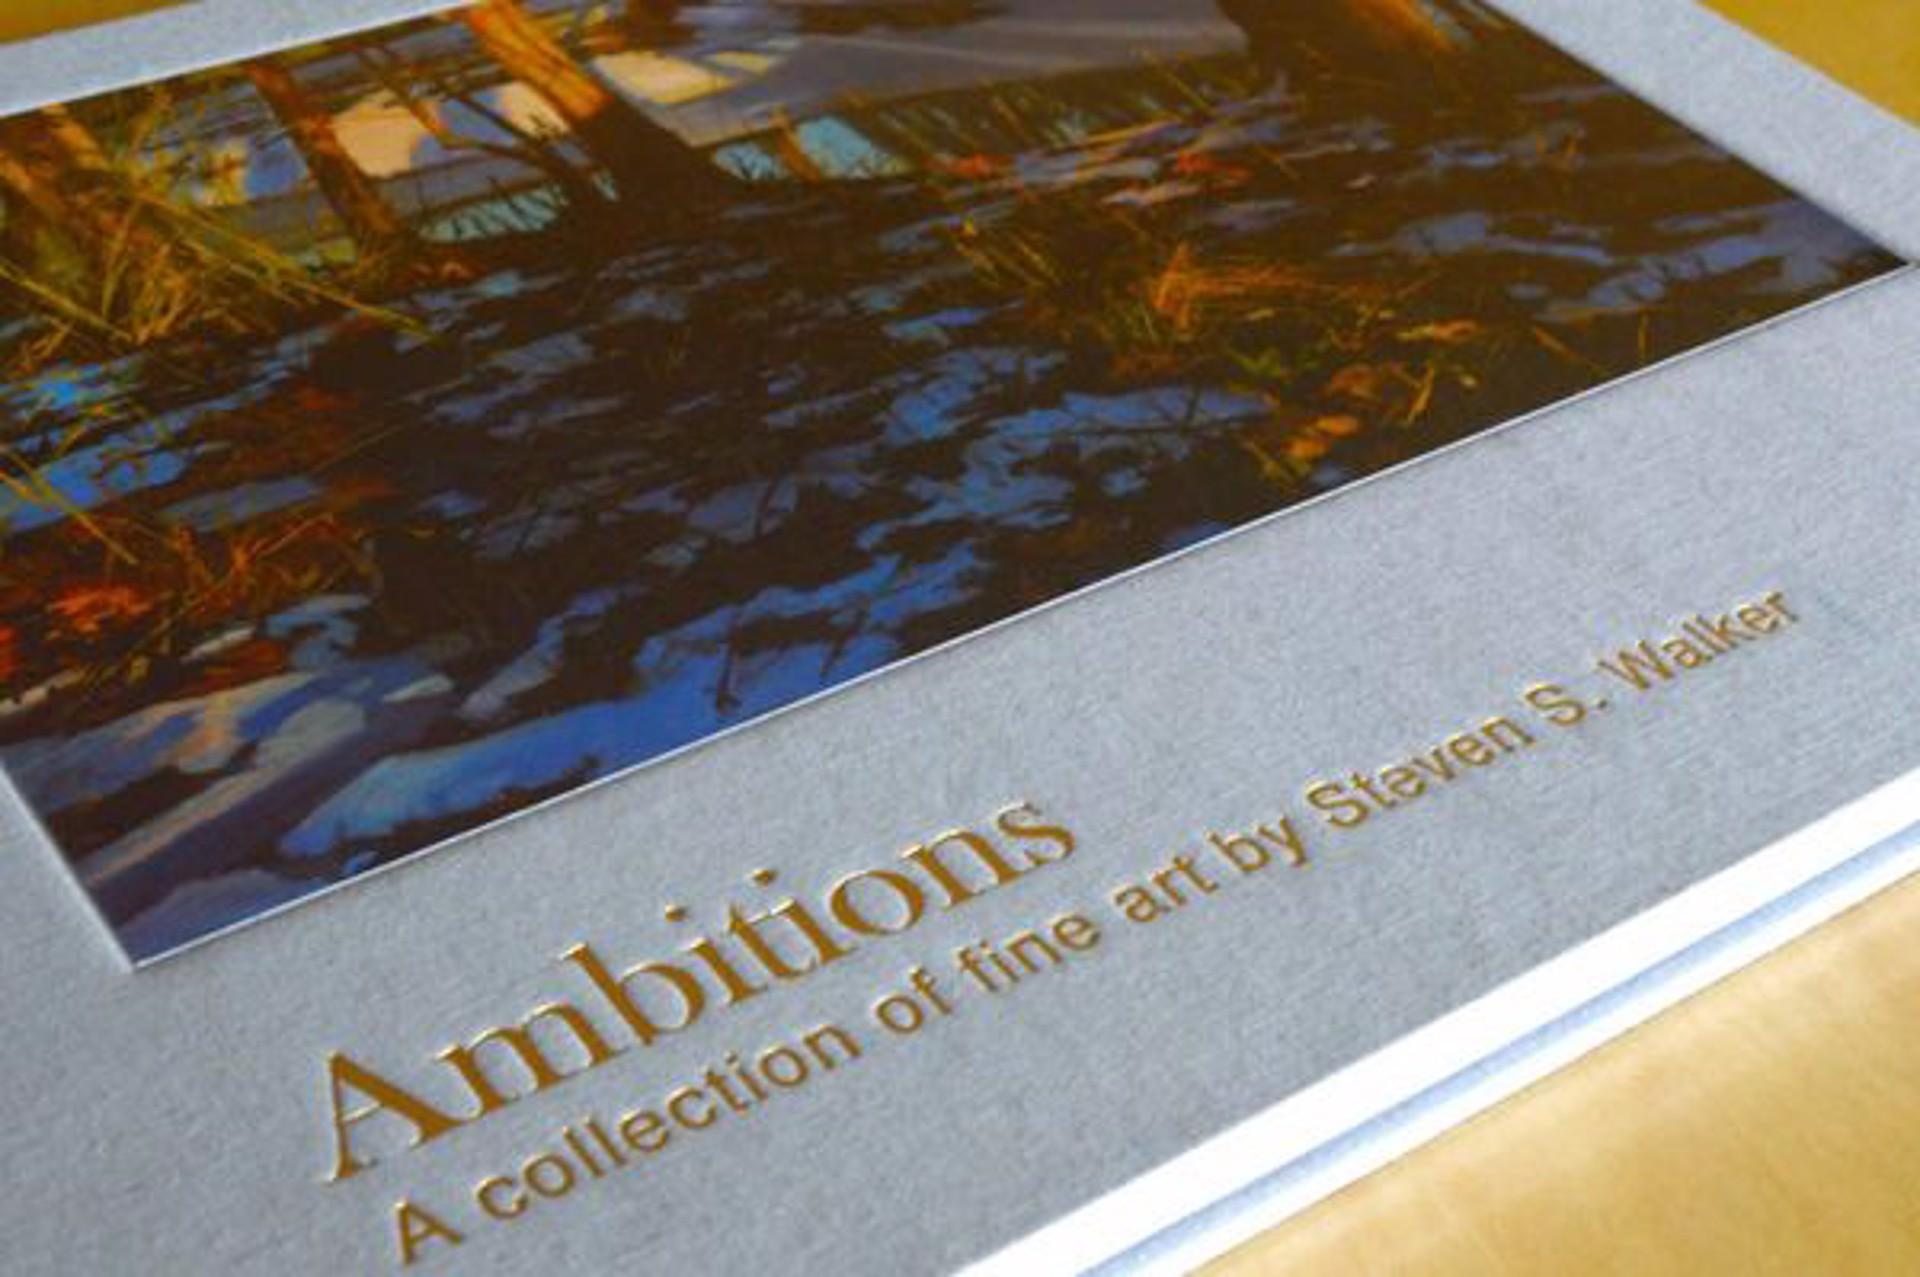 Ambitions by Steven Walker